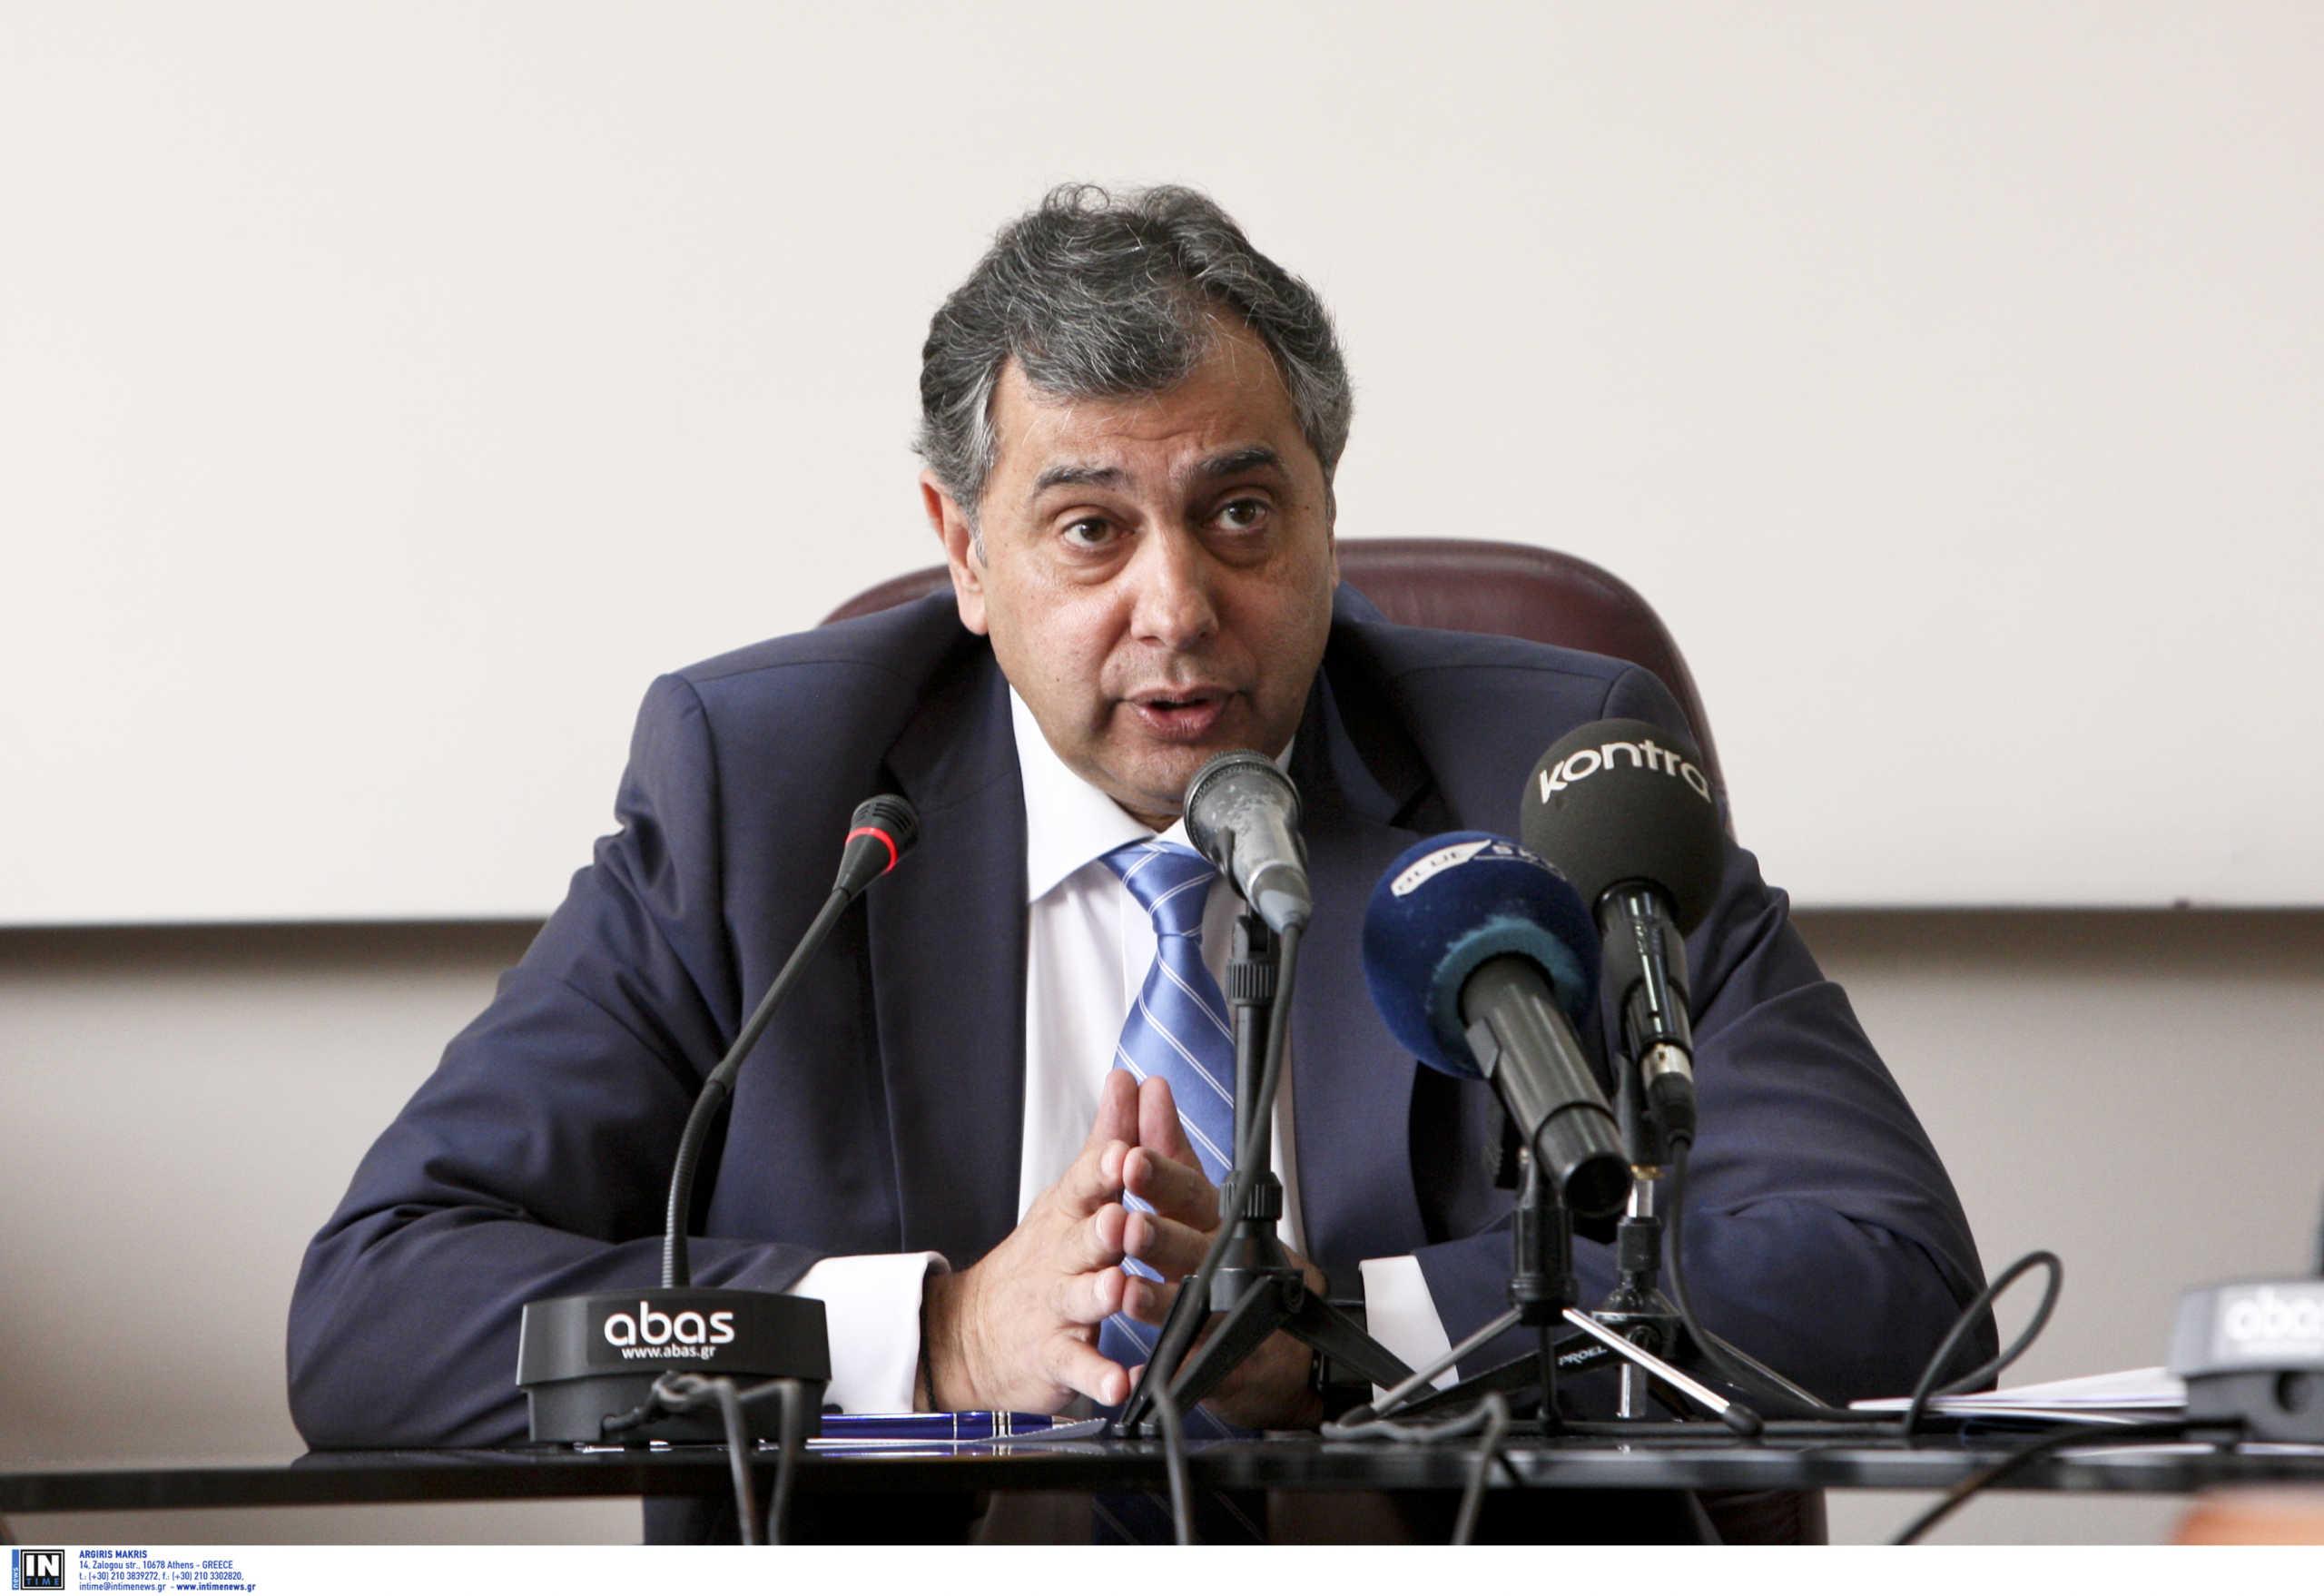 Βασίλης Κορκίδης: Η αγορά δεν αντέχει νέο καθολικό ή τοπικό lockdown